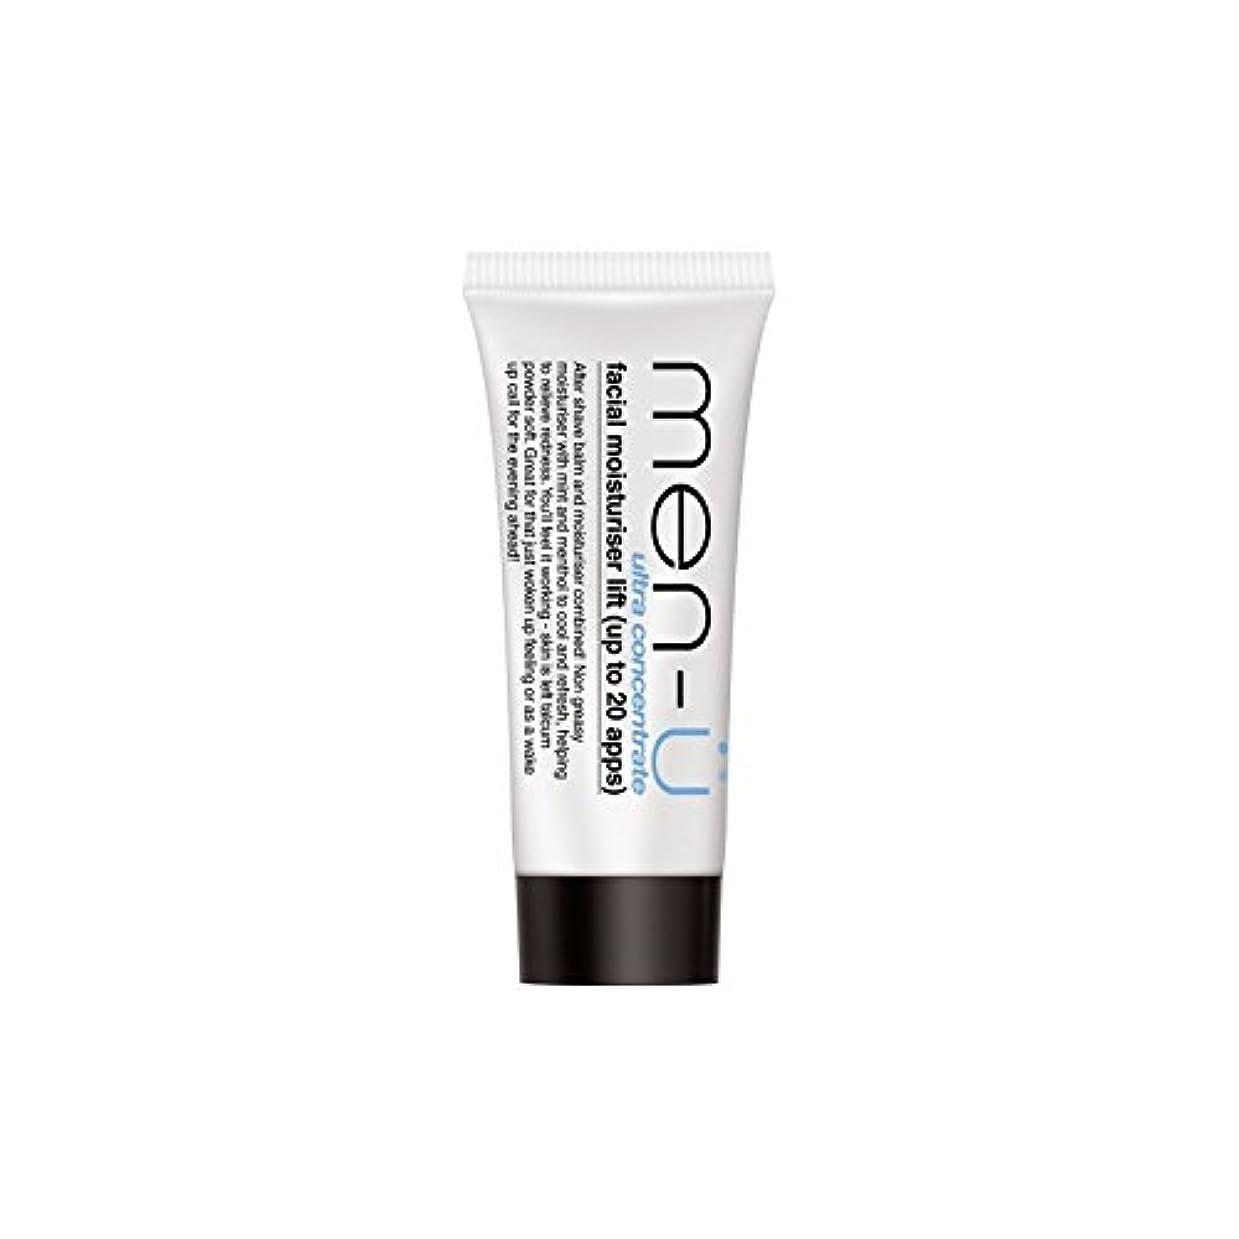 氷重要性腸男性-のバディ顔の保湿剤のリフトチューブ(15ミリリットル) x2 - Men-? Buddy Facial Moisturiser Lift Tube (15ml) (Pack of 2) [並行輸入品]